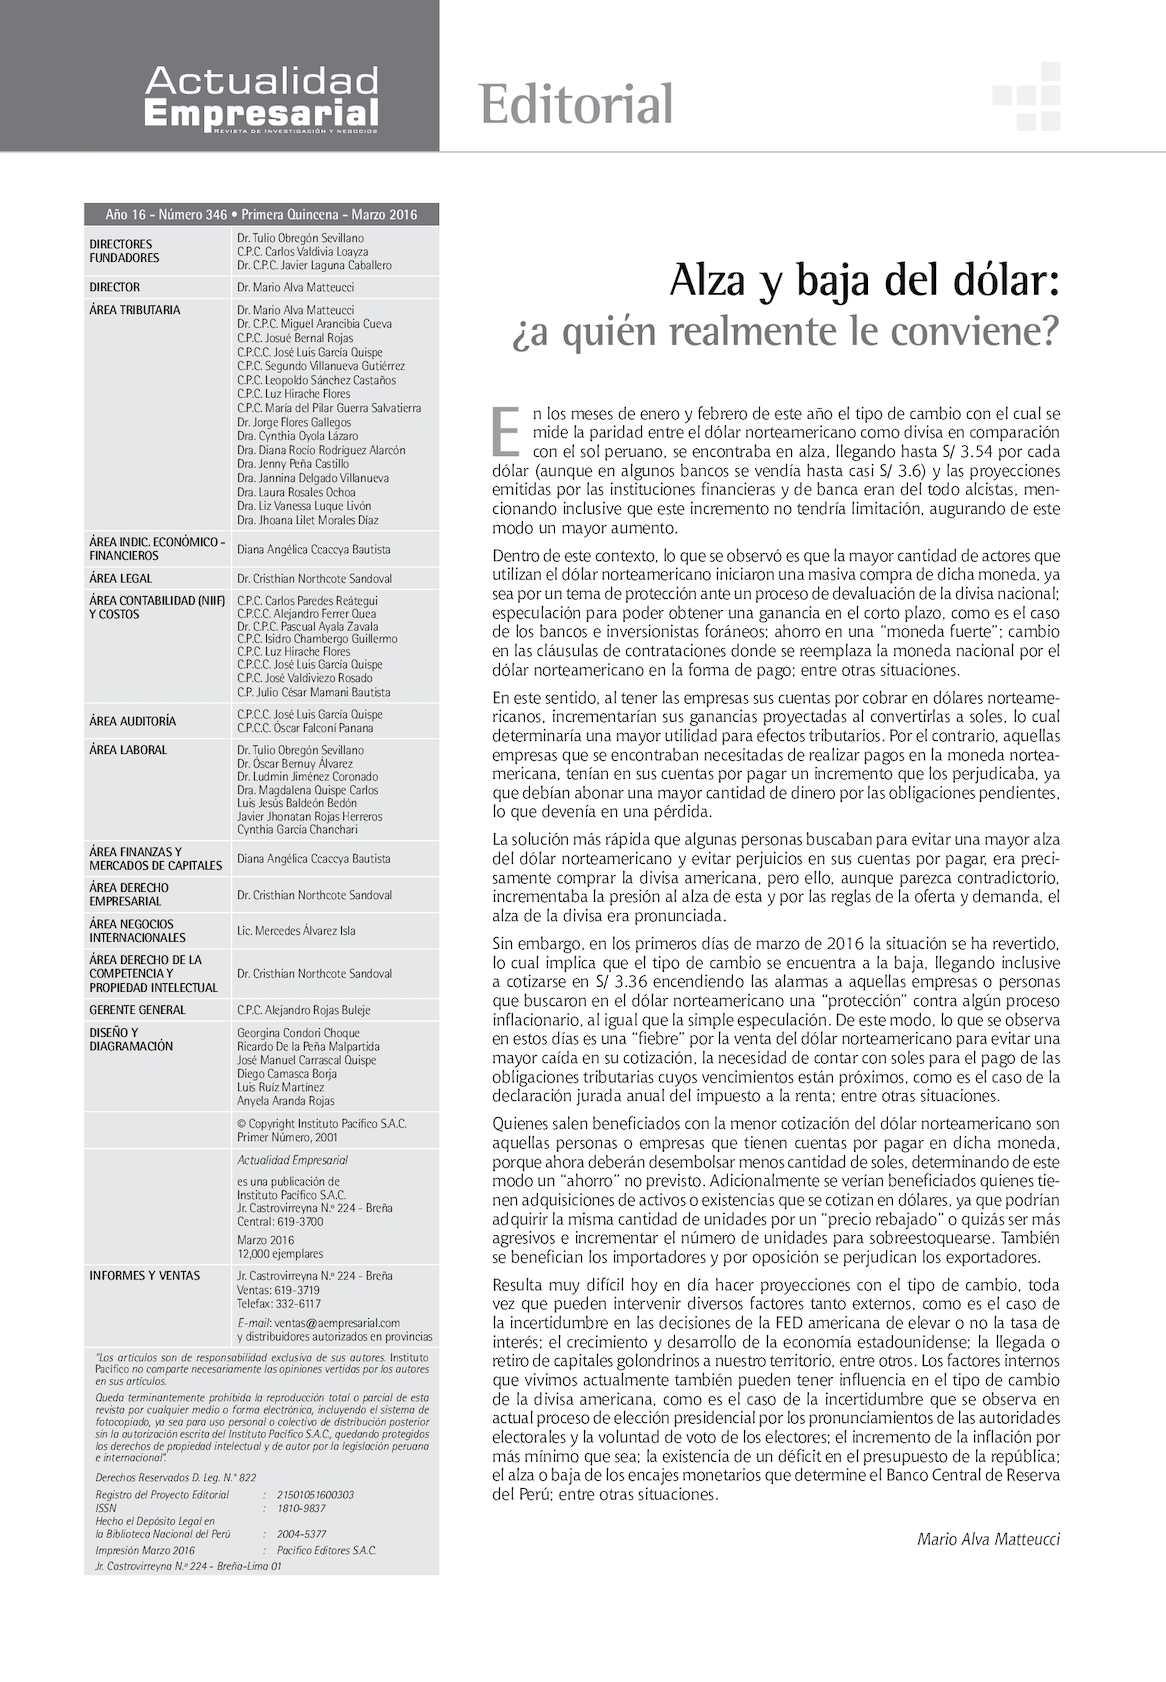 Revista Actualidad Empresarial 1ra Quincena Marzo 2016